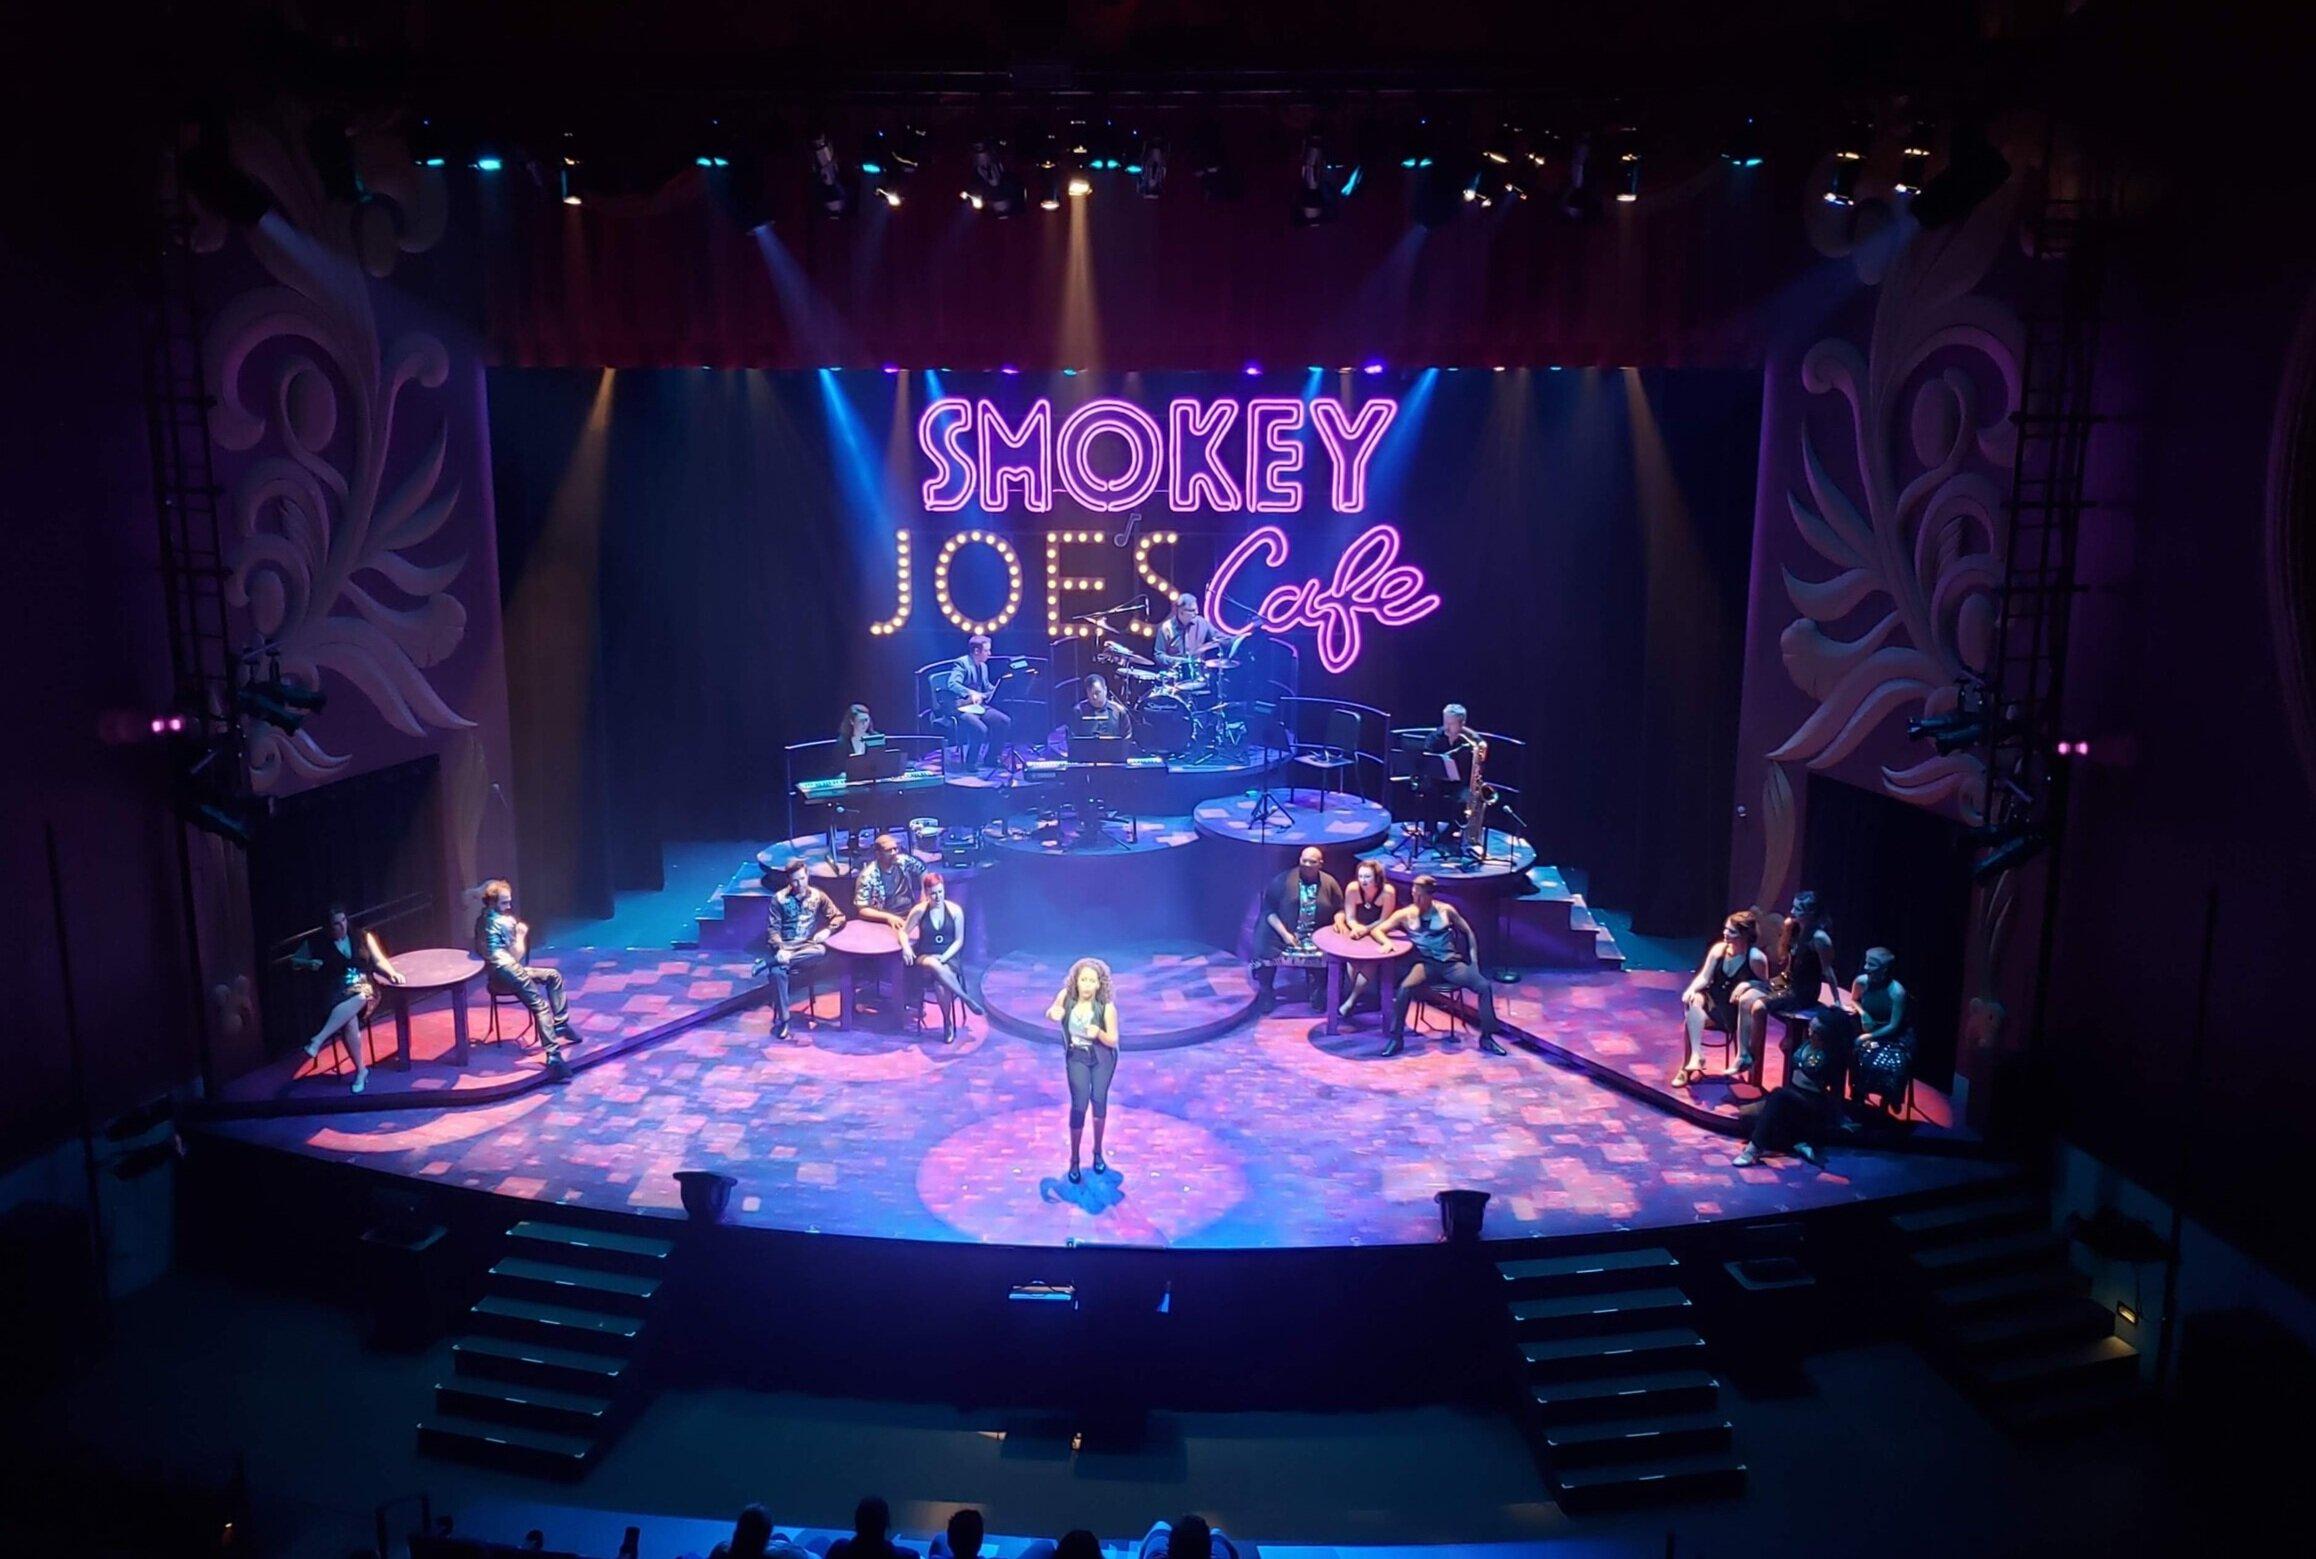 Smokey Joe's Cafe, 2019